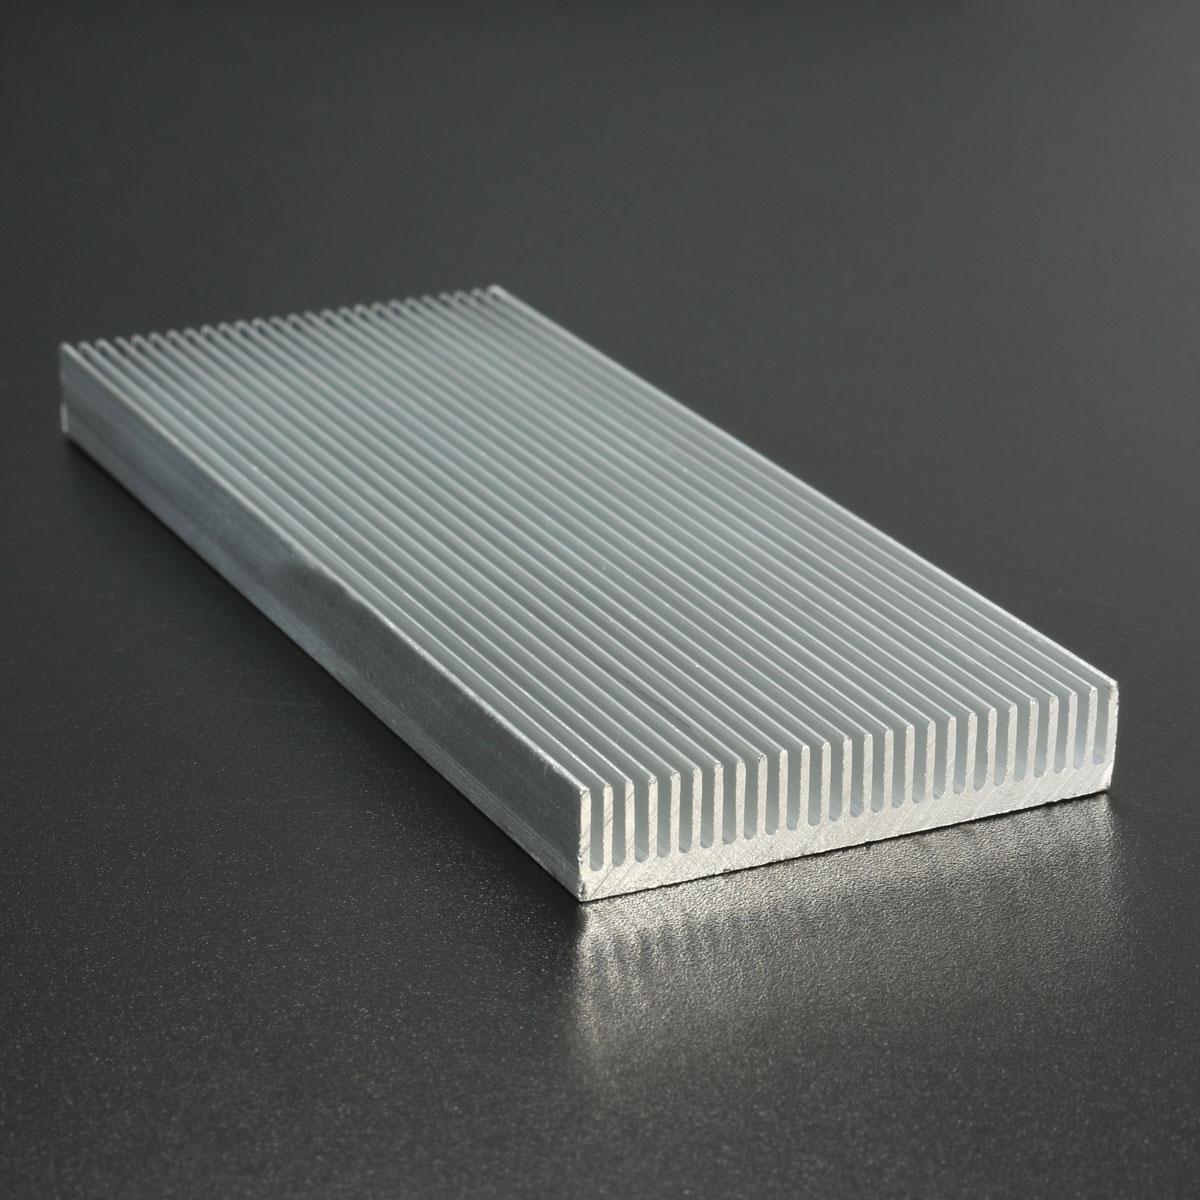 5pcs 100x41x8mm алюминиевый радиатор радиатора радиатора для высокой мощности LED Усилитель Охлаждение транзистора - фото 8